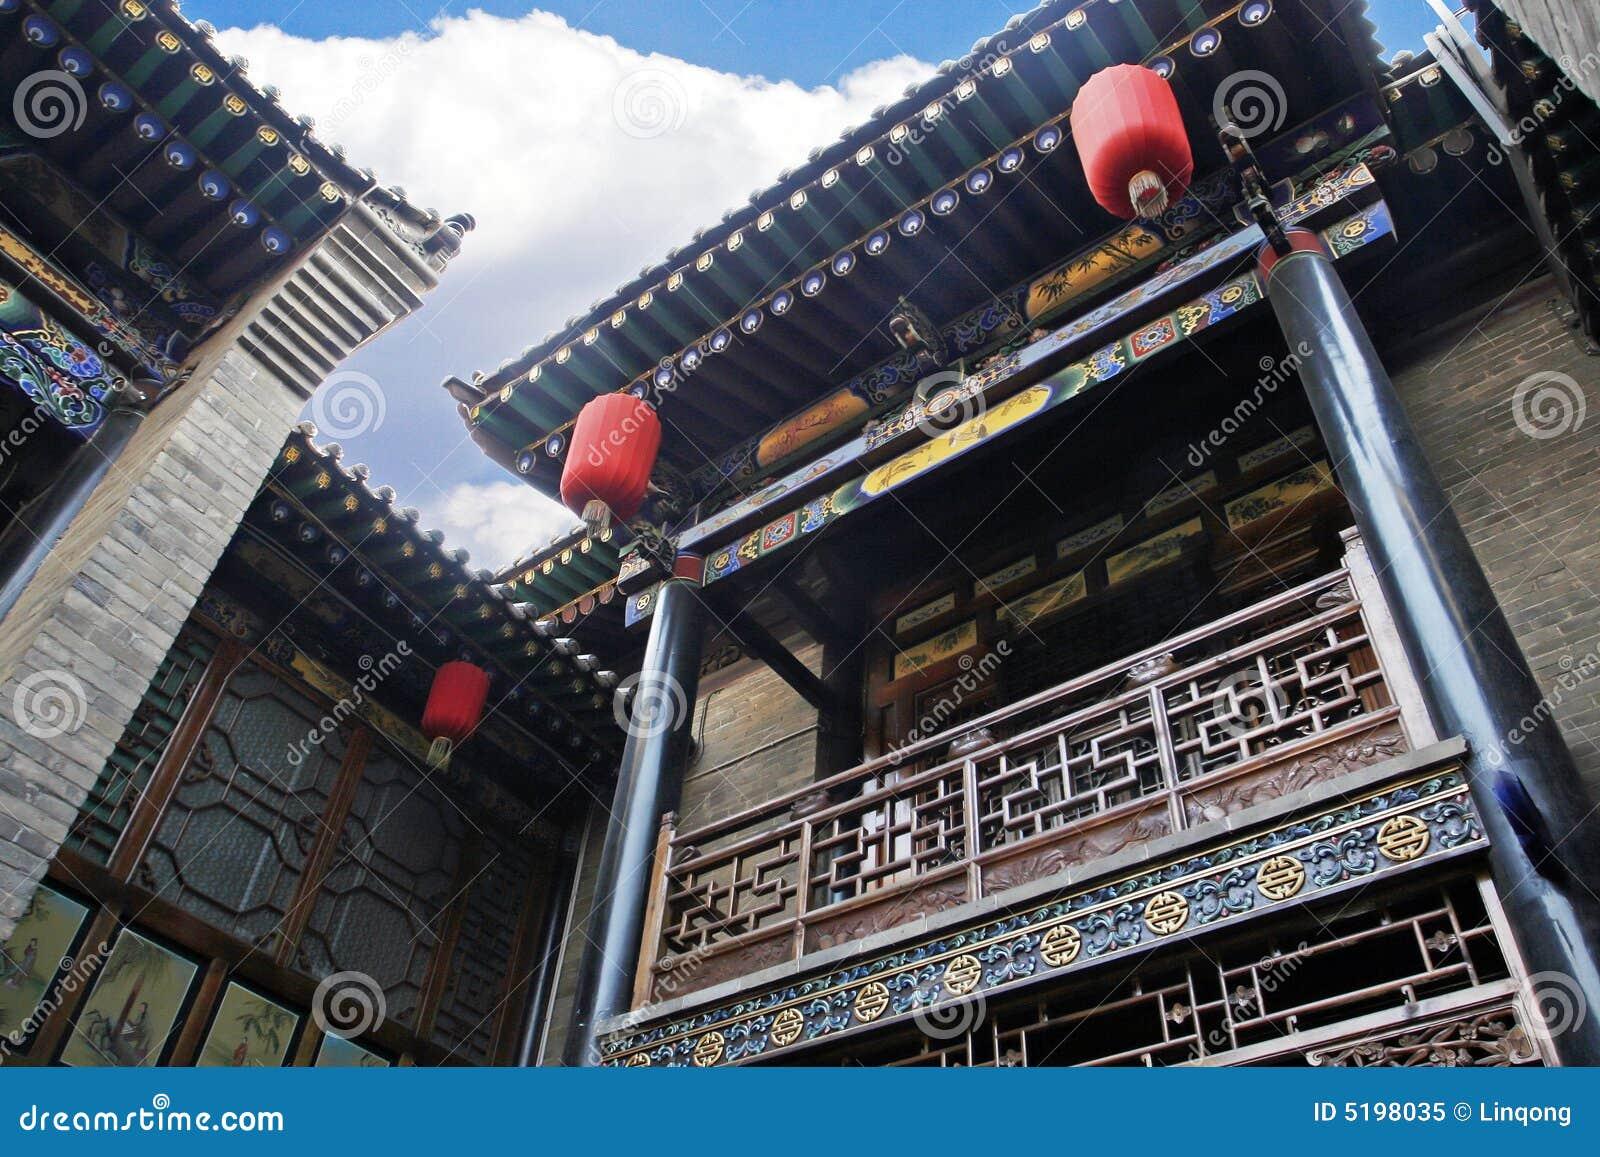 Maison antique de la chine image stock image du gal 5198035 - Maison de la chine boutique ...